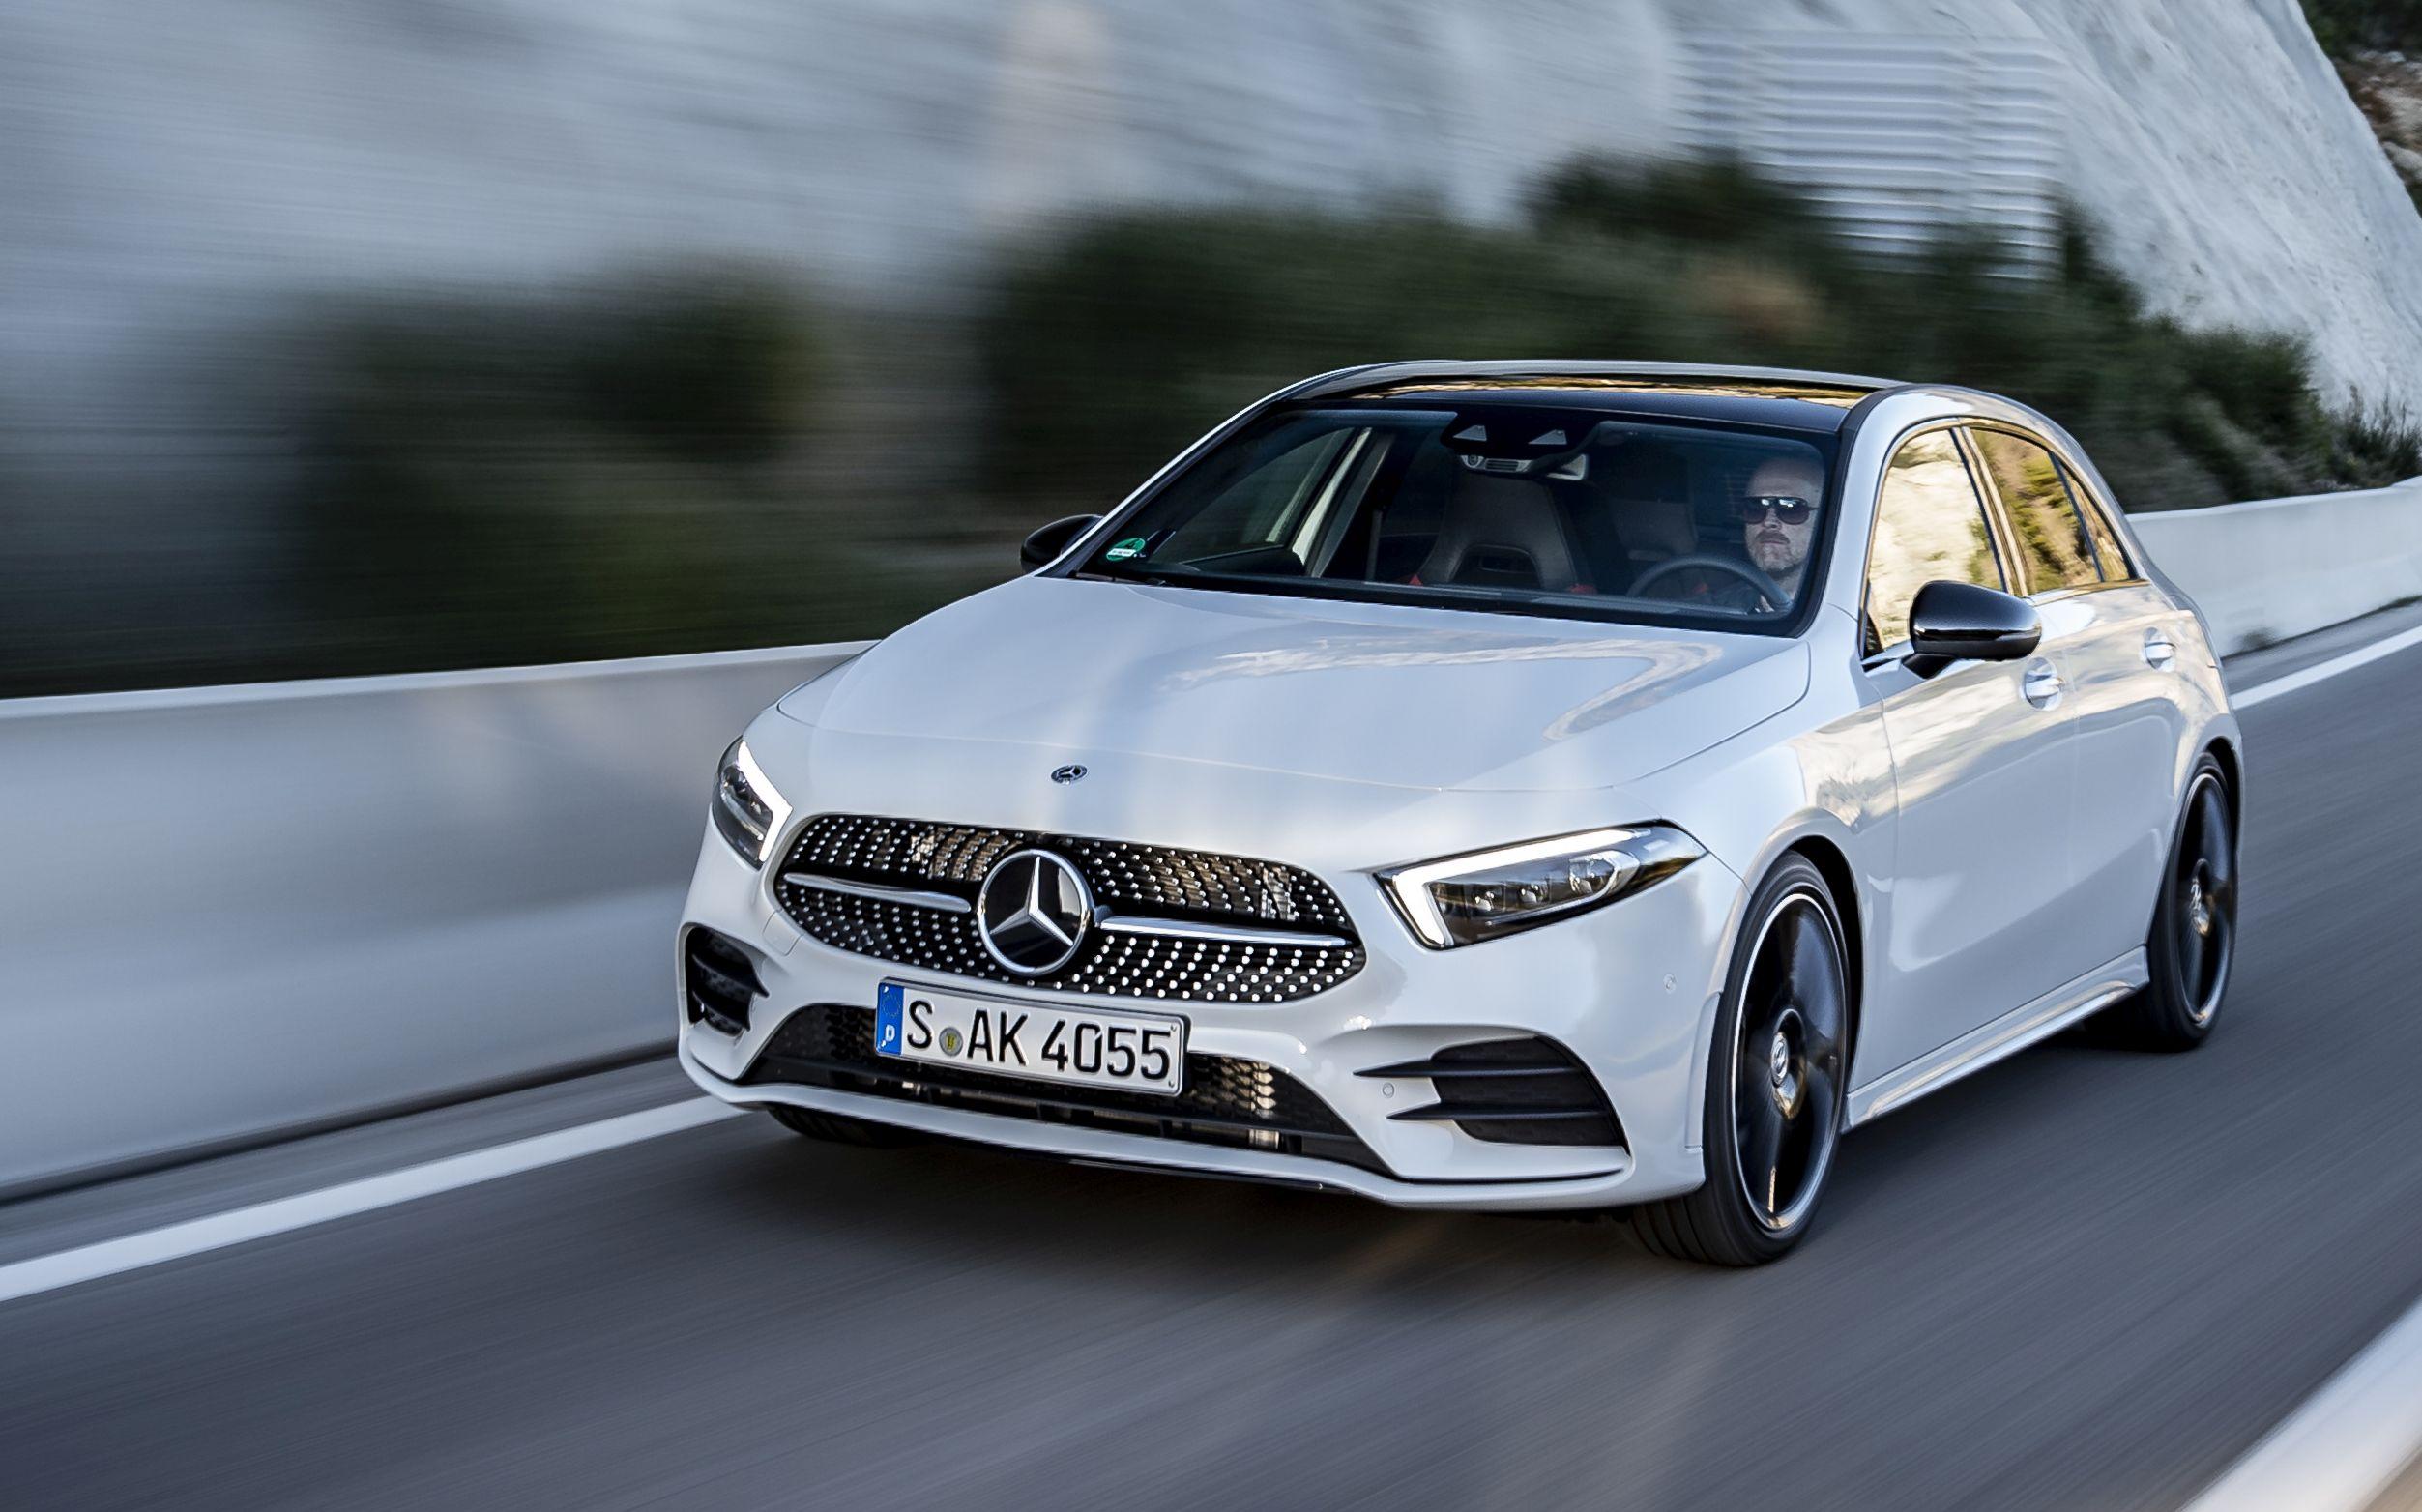 Mercedes Classe A: ancora vendite record in Europa, ecco i dati dei primi 9 mesi del 2019 - MBenz.it